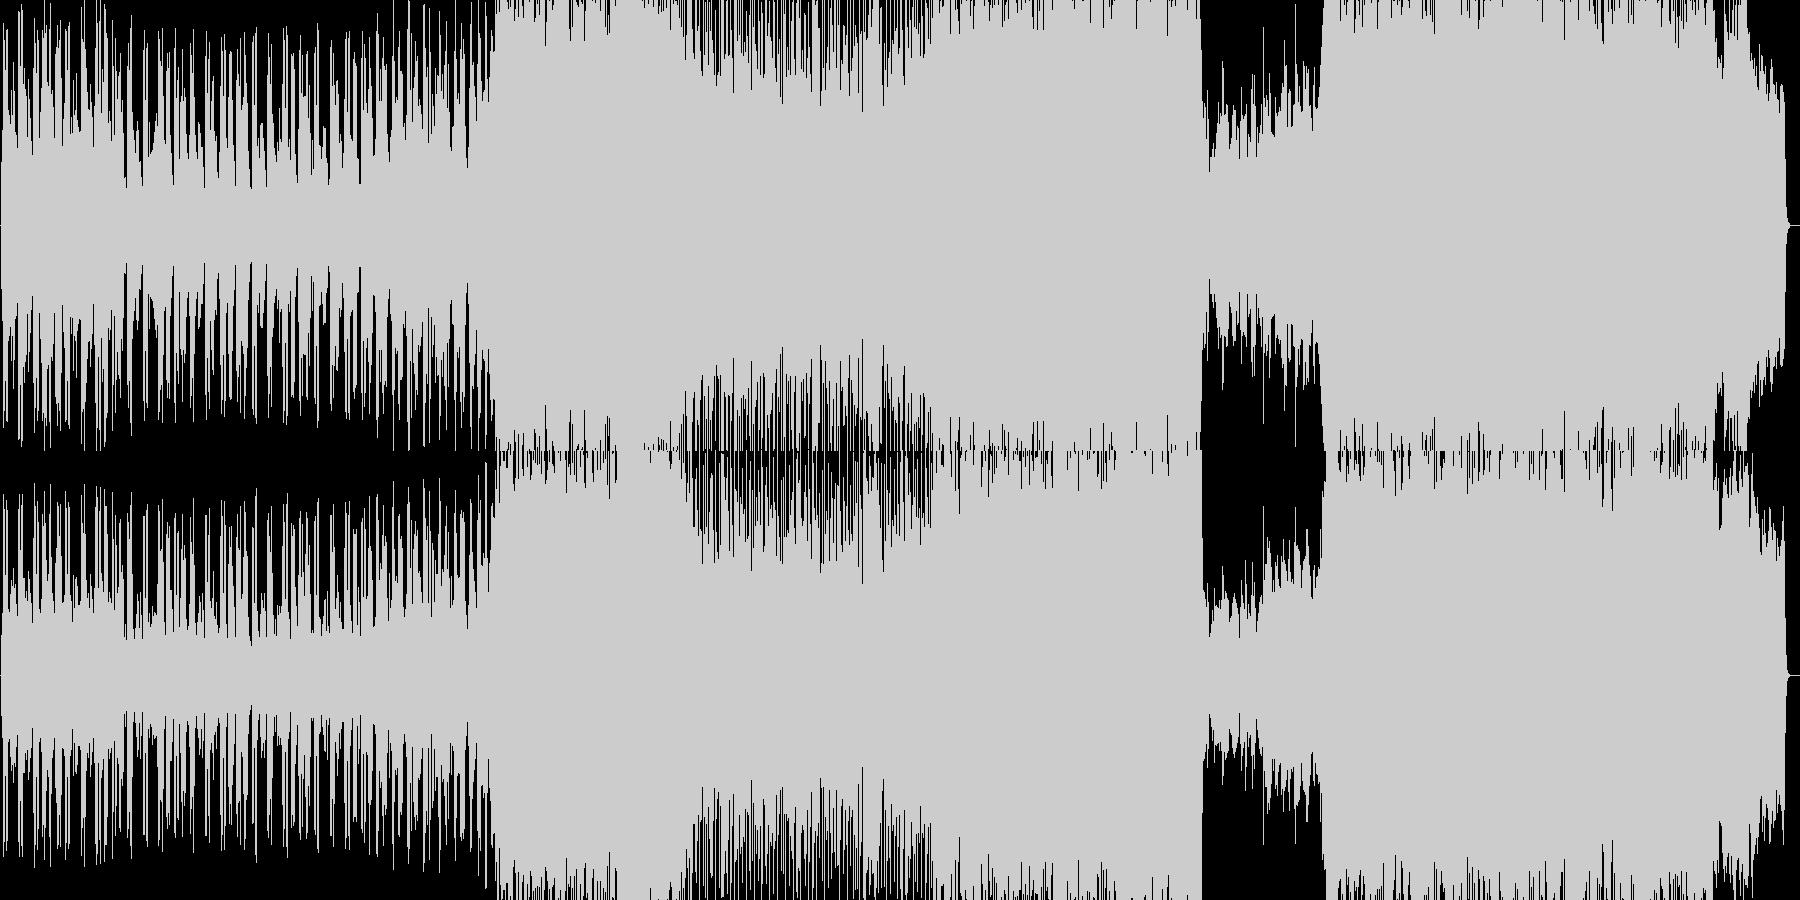 エンディング感のあるバラードBGMの未再生の波形